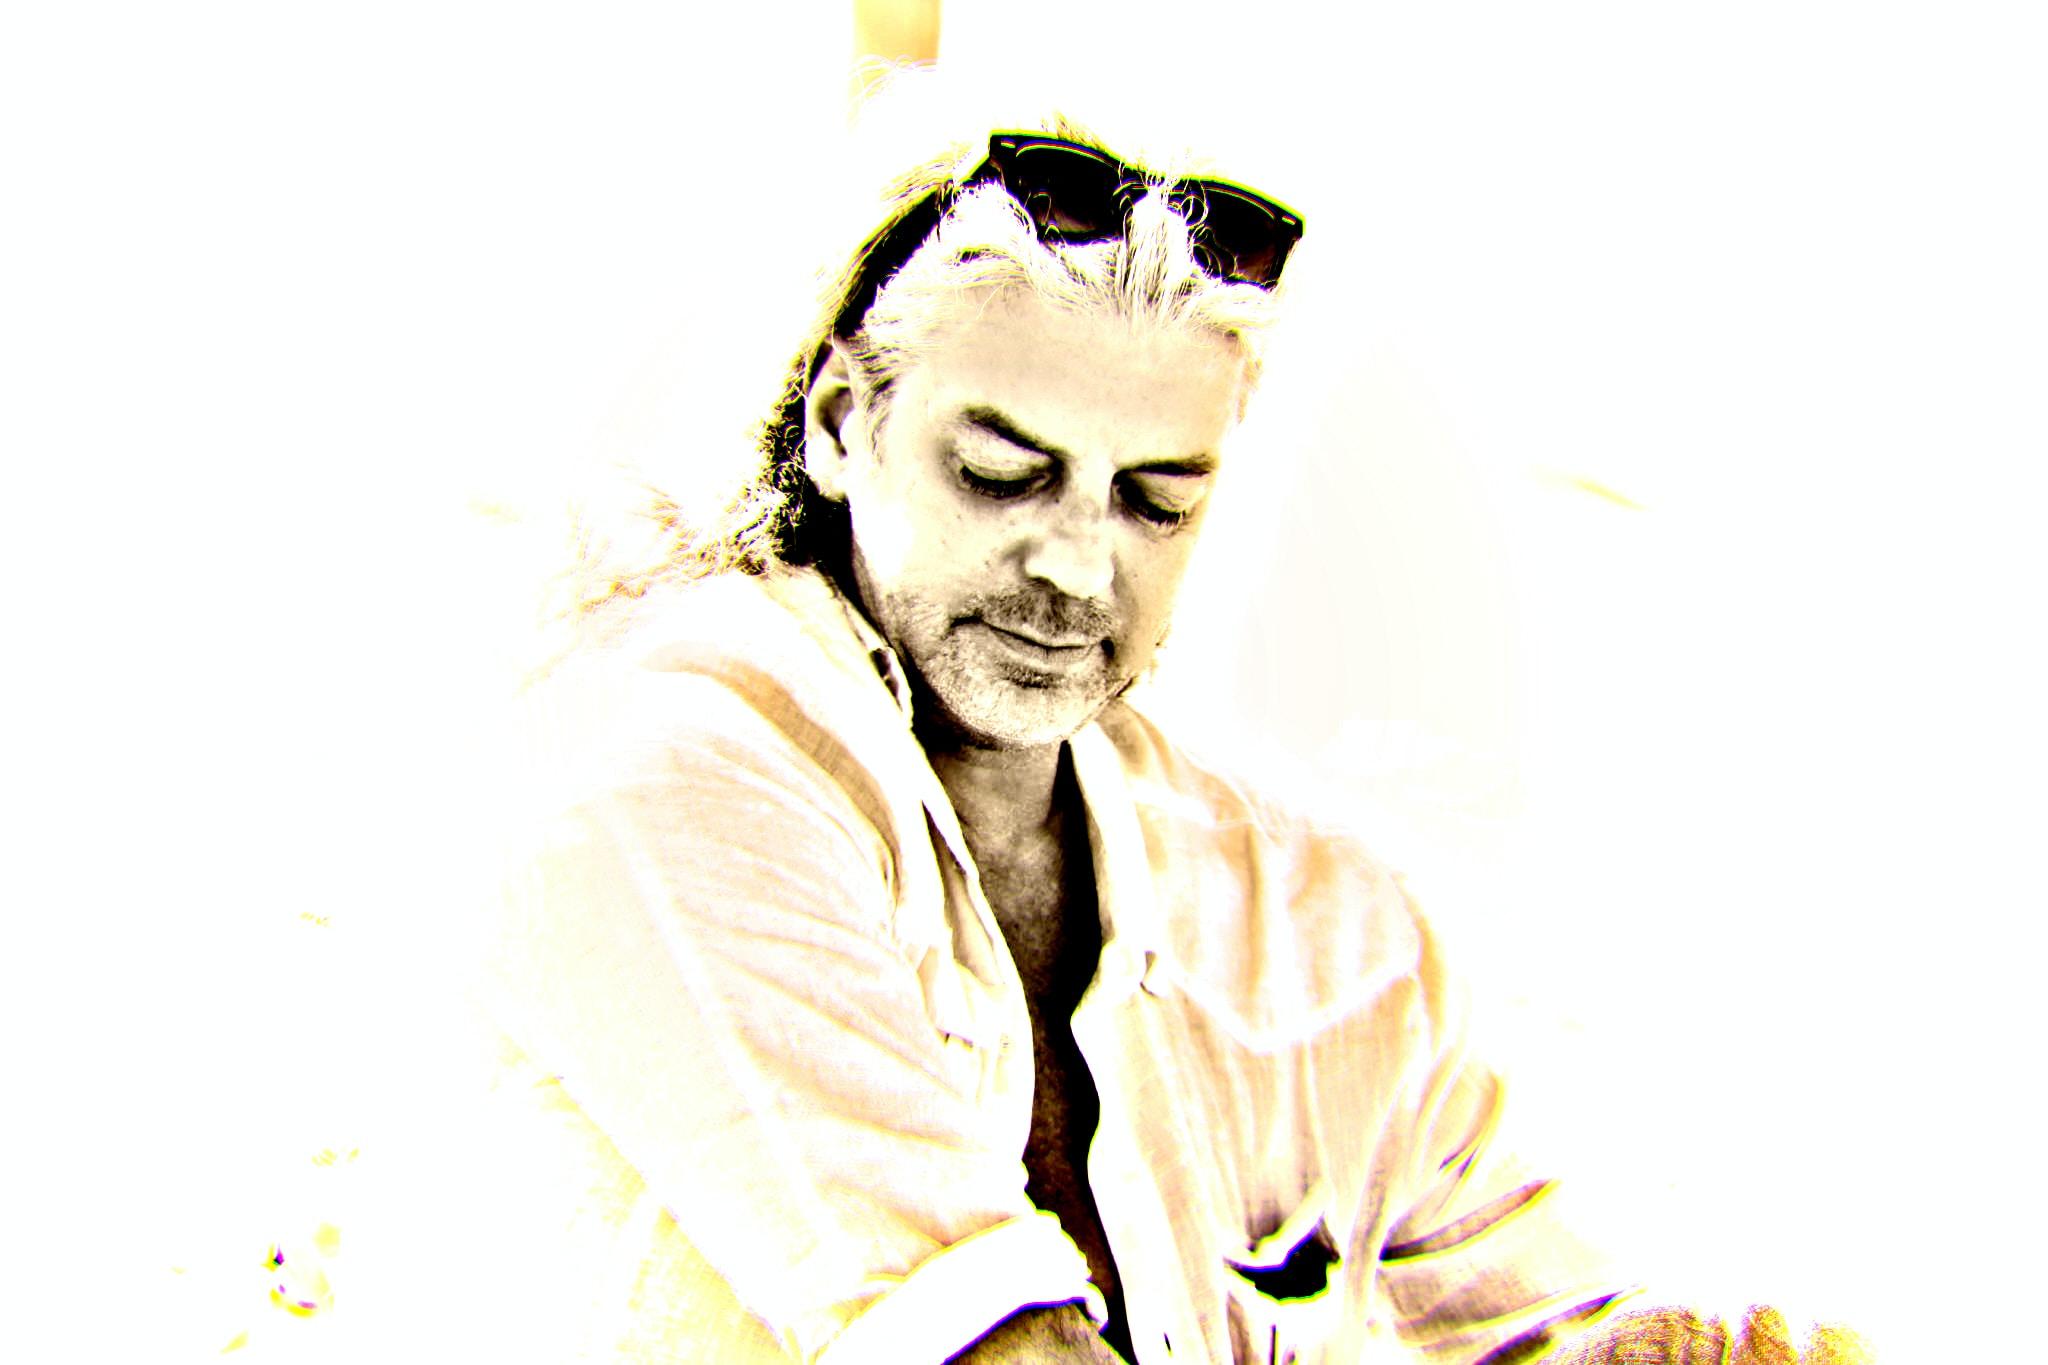 Go to Matthias Guenter's profile